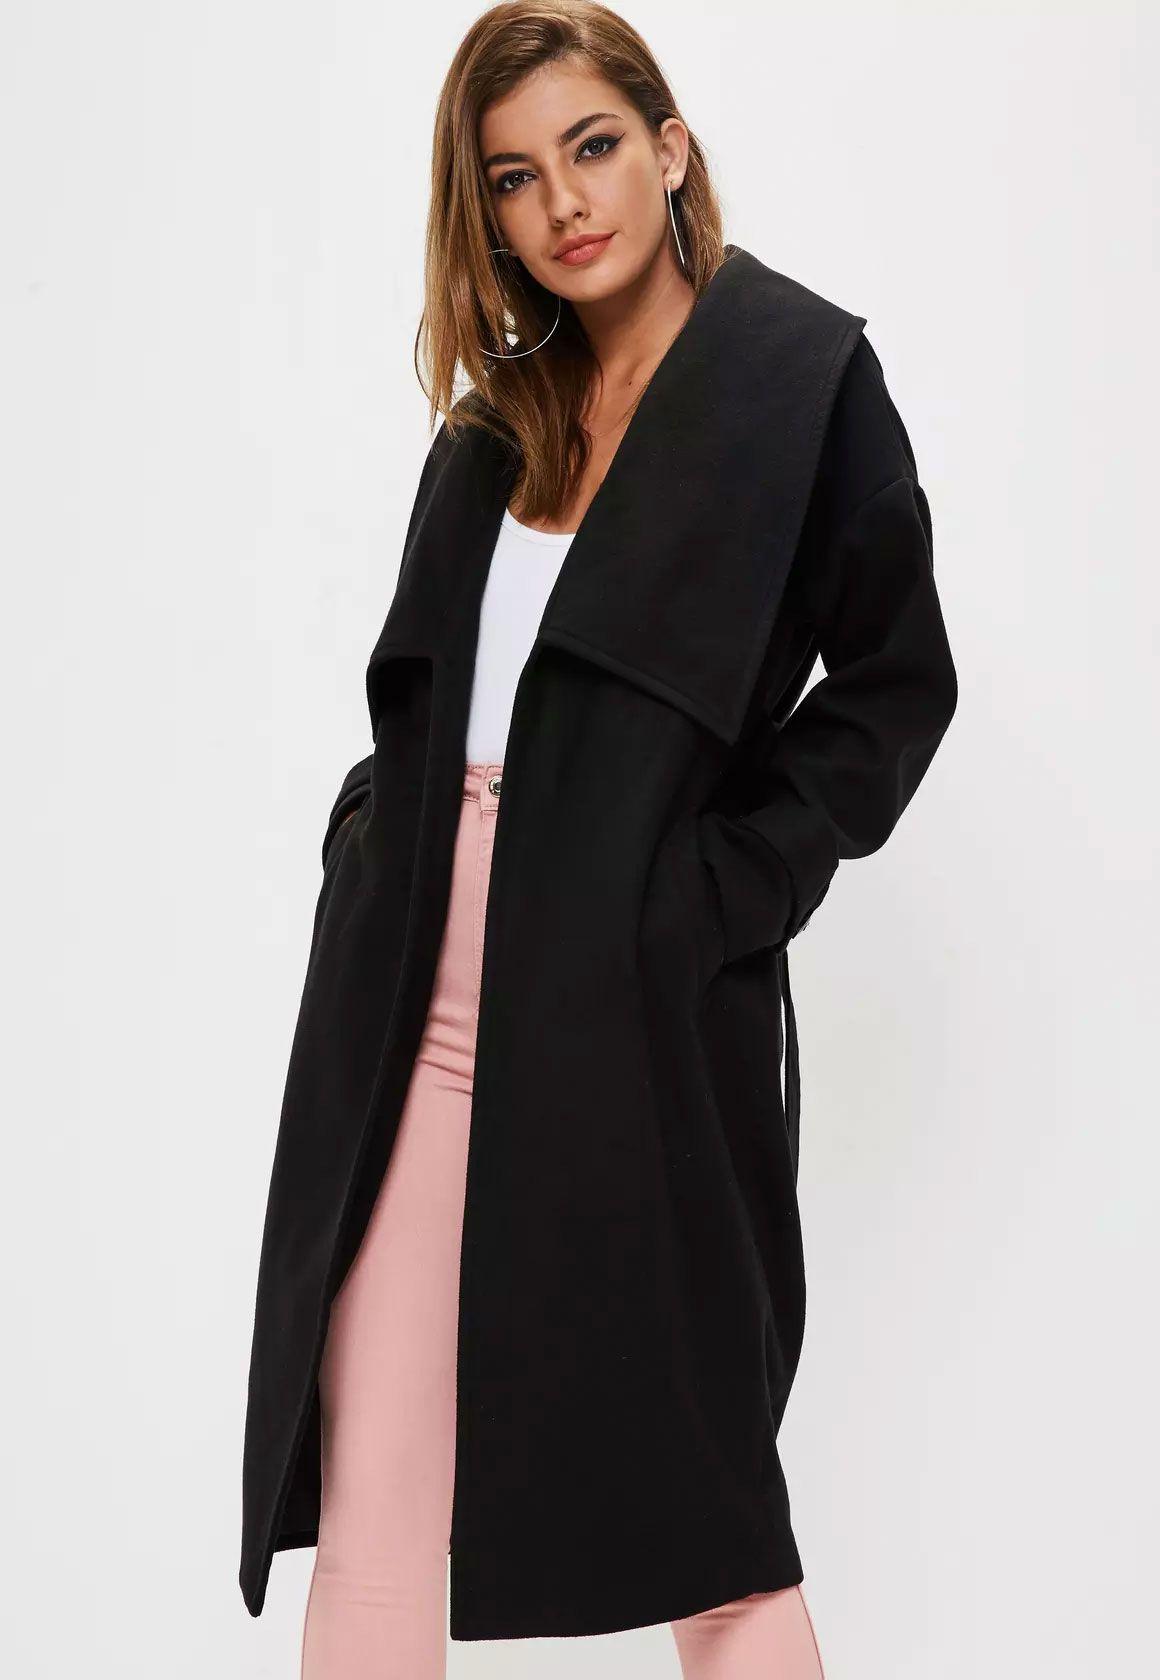 Best winter coats 2017: 100 women's winter coats to buy now